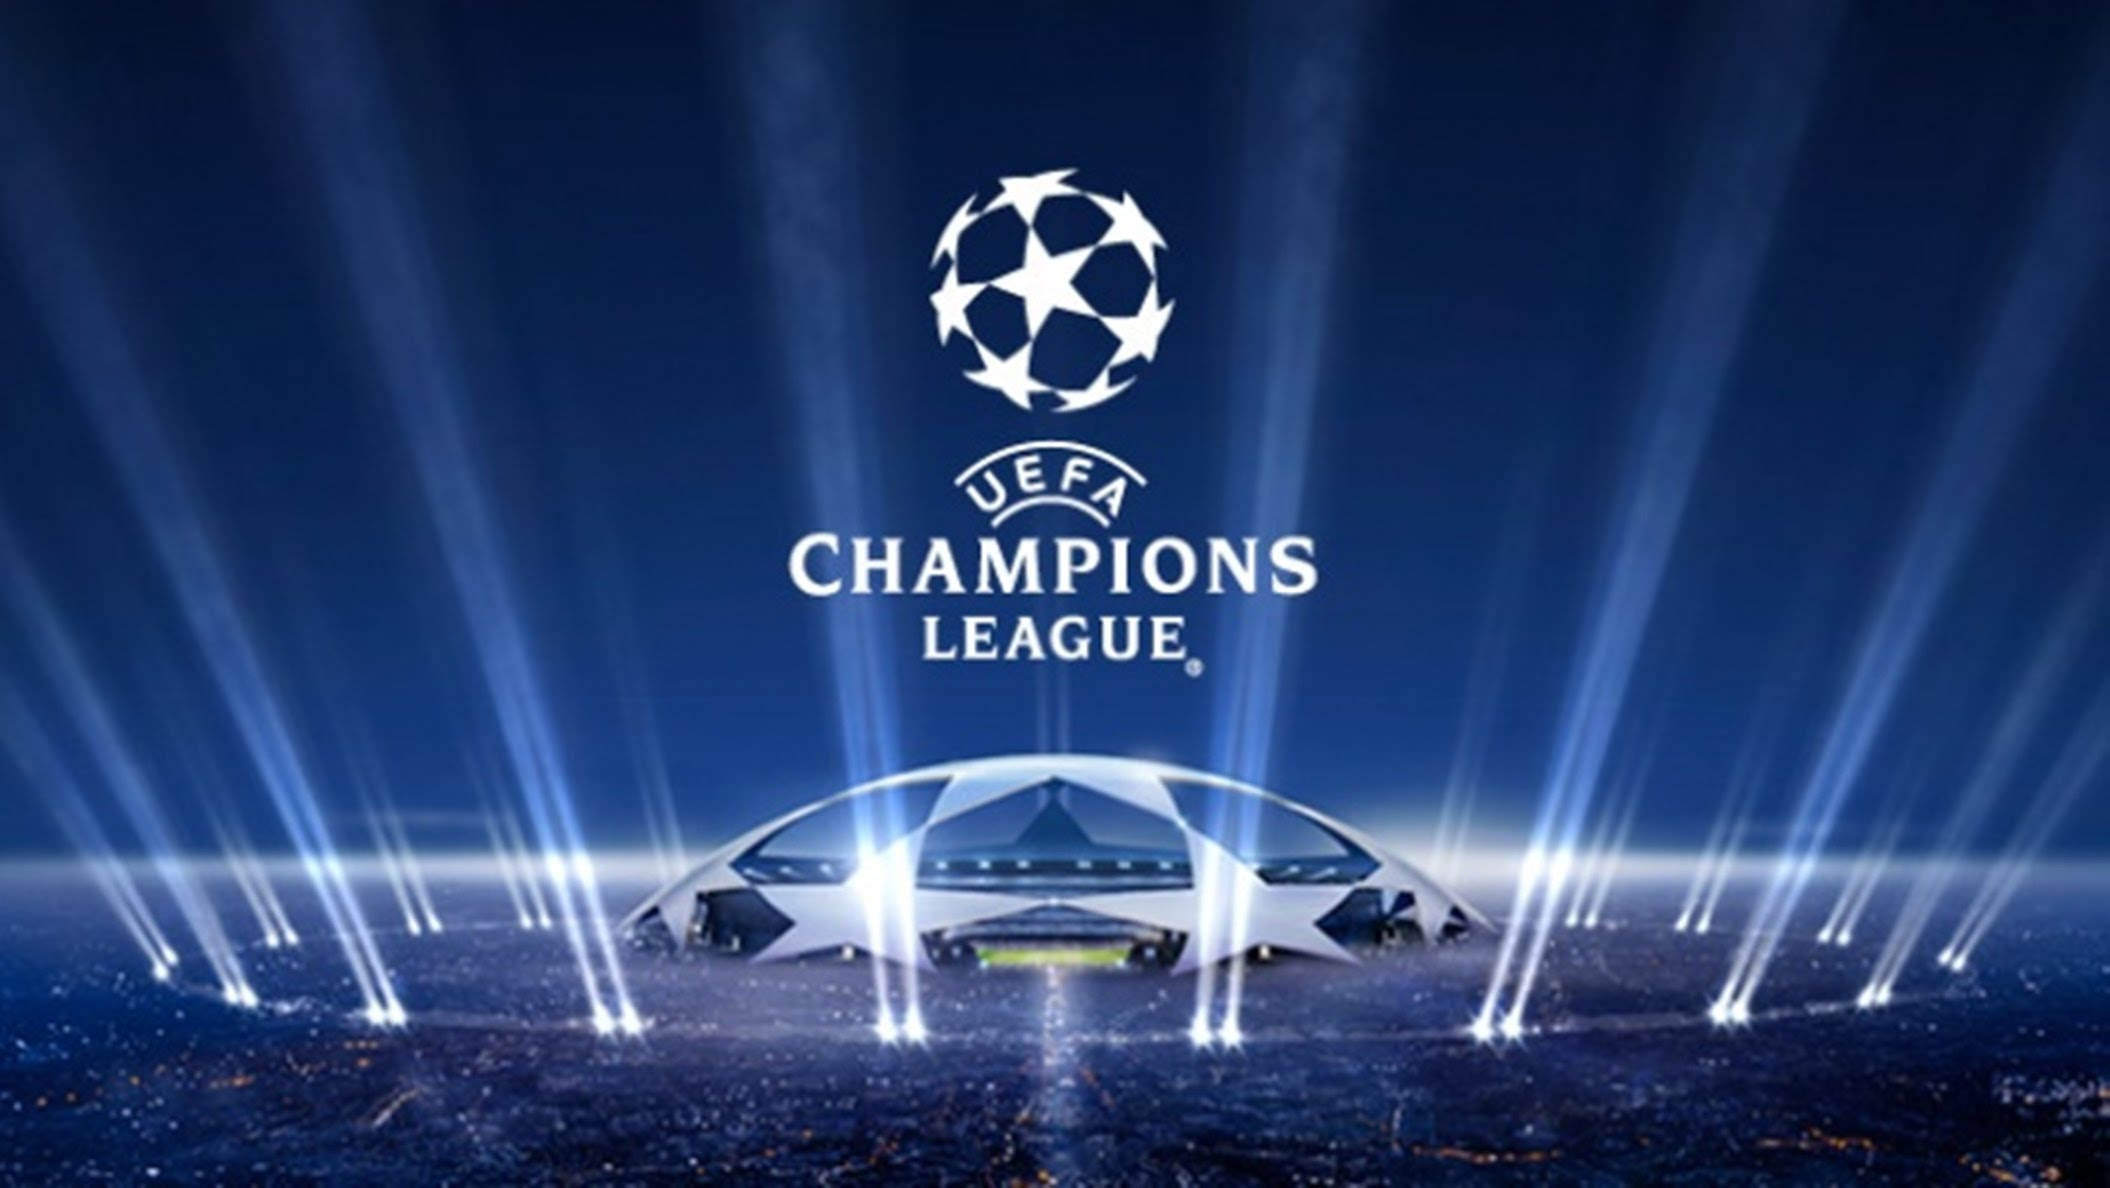 نتائج قرعة الدور ربع النهائي والدور نصف النهائي لبطولة دوري أبطال أوروبا بكرة القدم